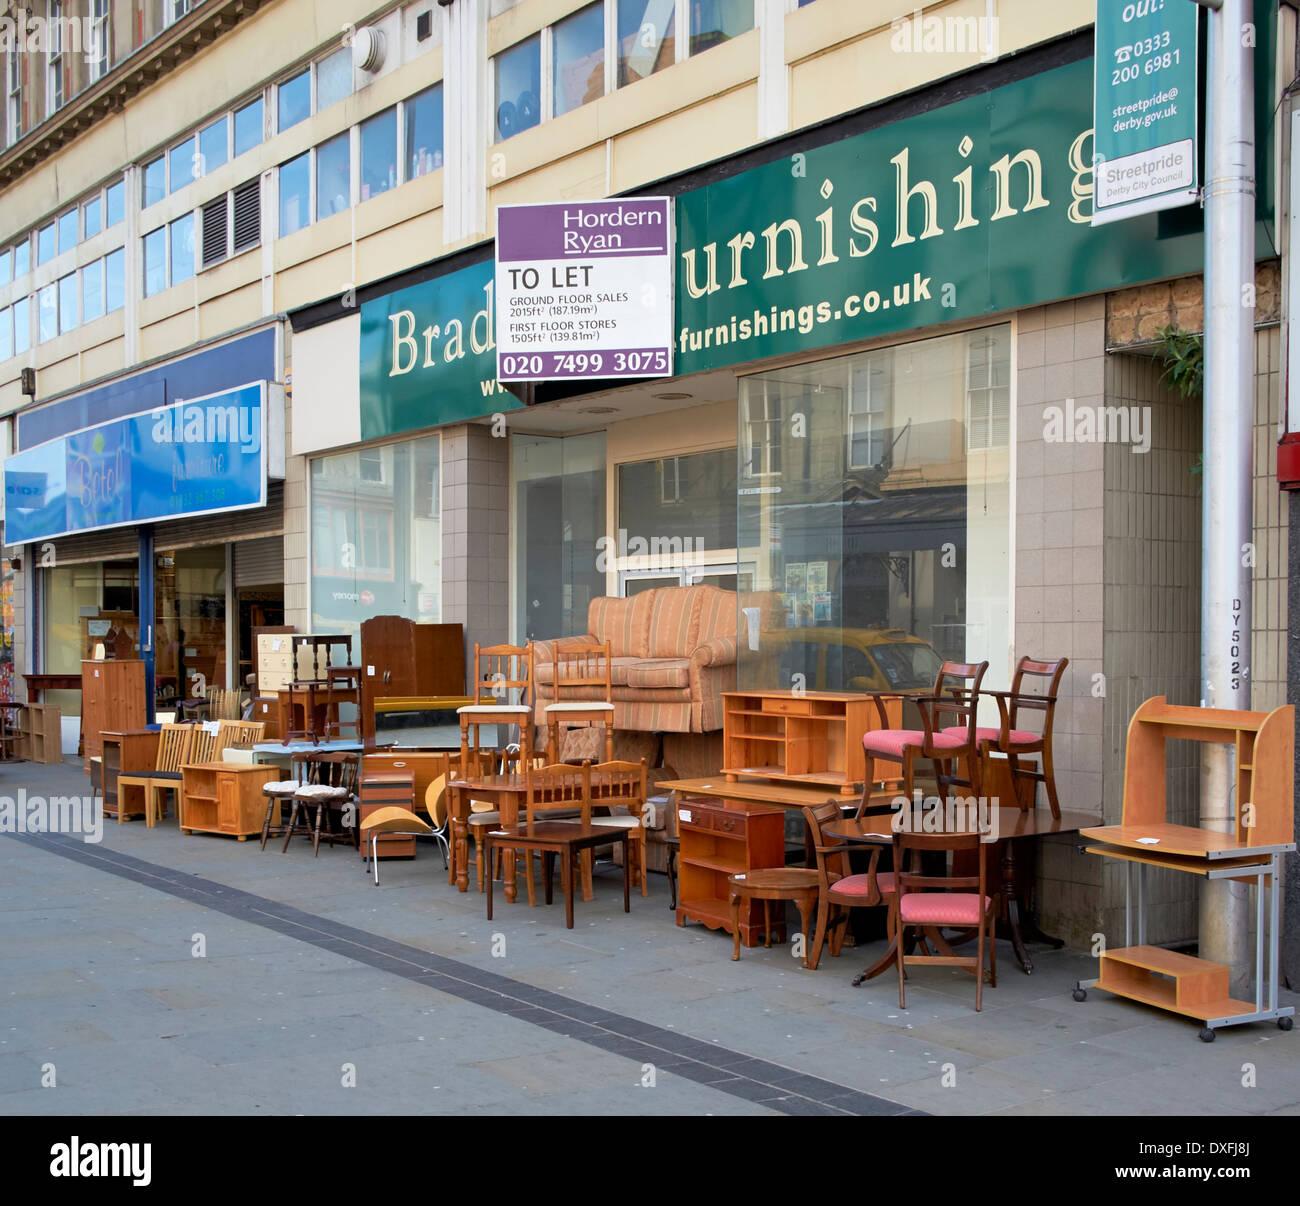 Usato di seconda mano mobili in vendita su un UK high street Immagini Stock